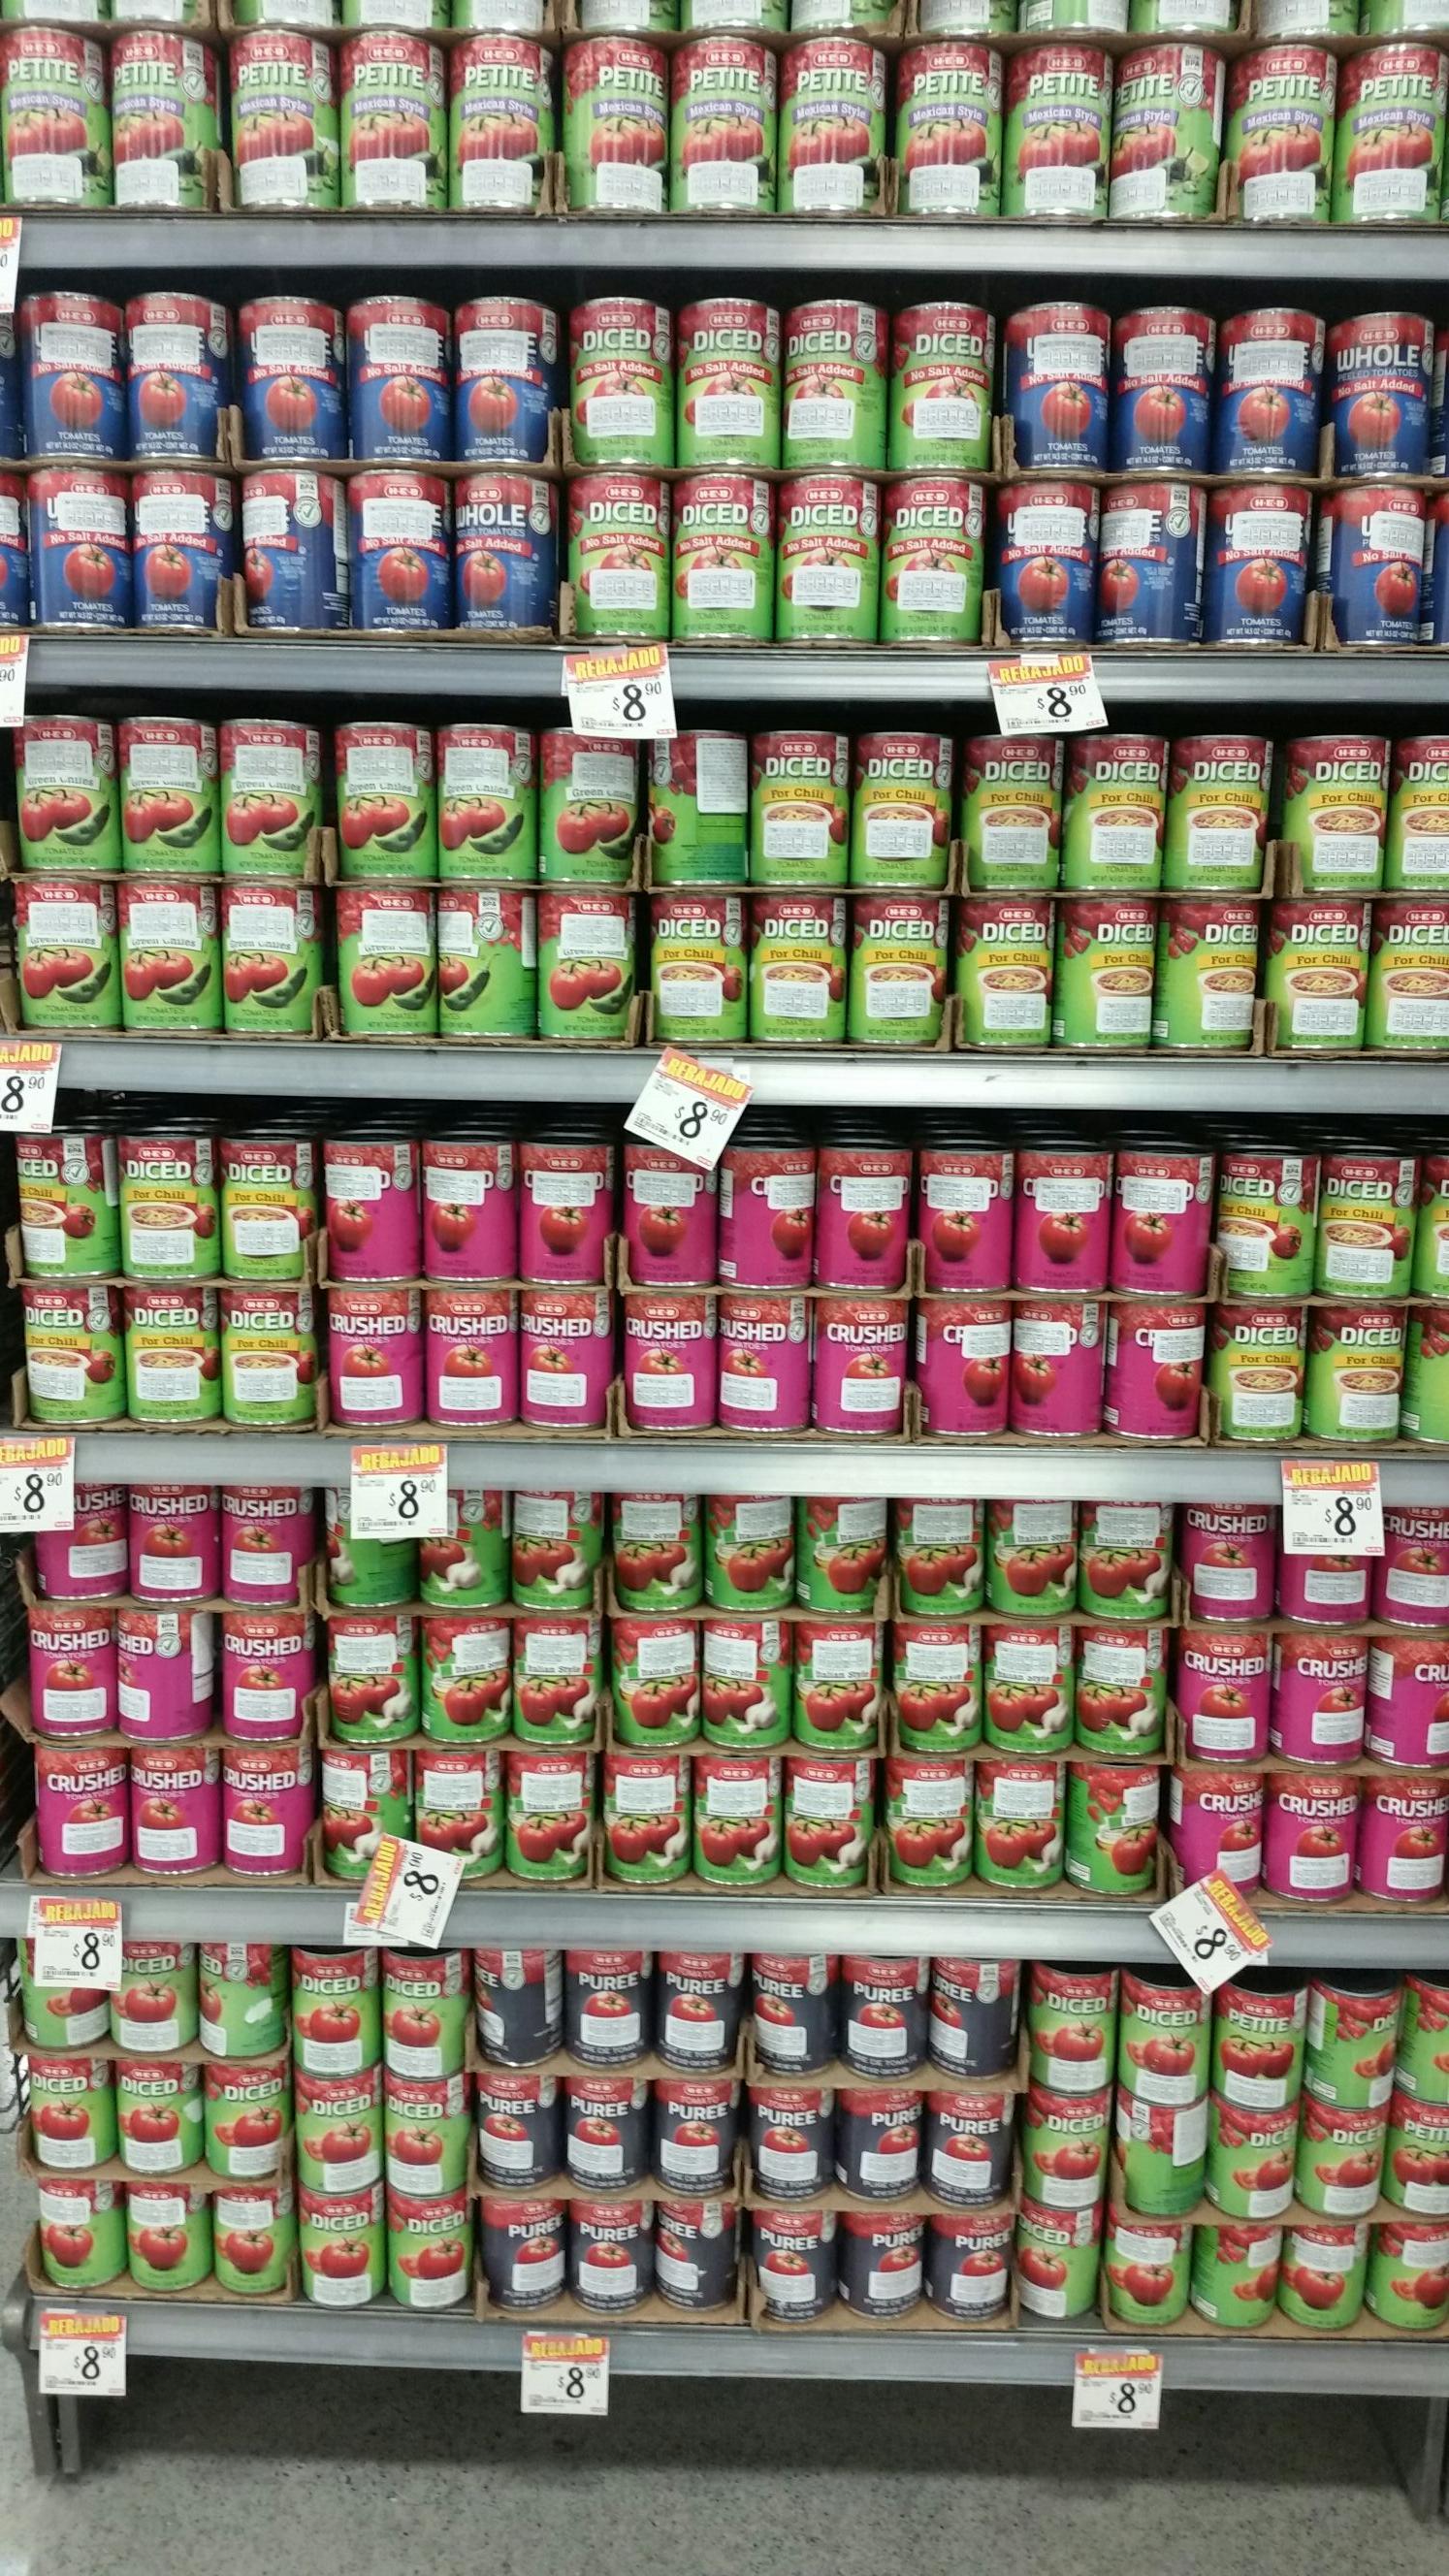 HEB: Variedad de tomates en lata de 340 g en $8.90